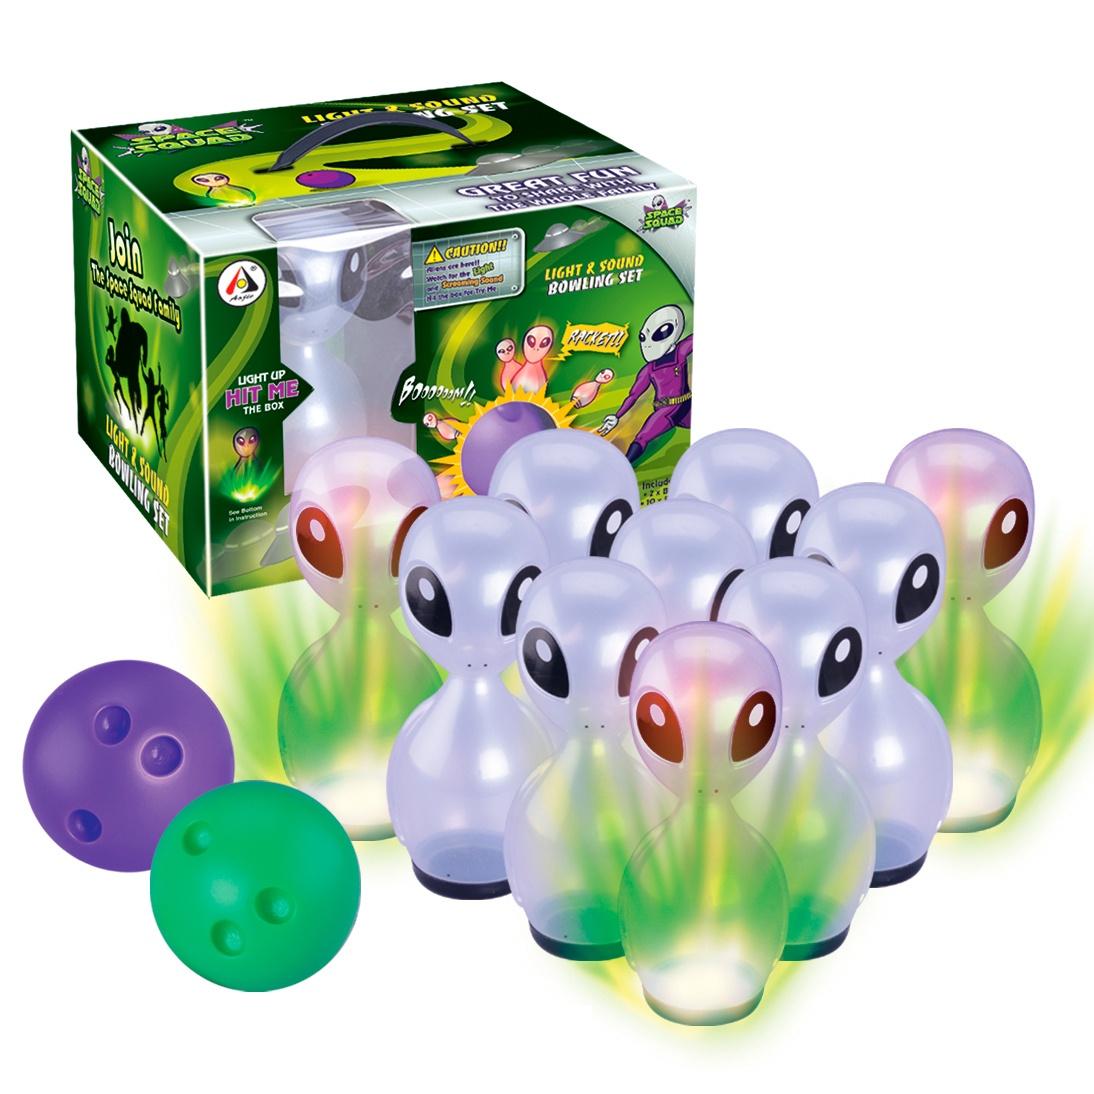 Игровой набор Space Squad AJ002AS игра набор для боулинга 6 кеглей и 1 шар в коробке 15 01842 8816d7